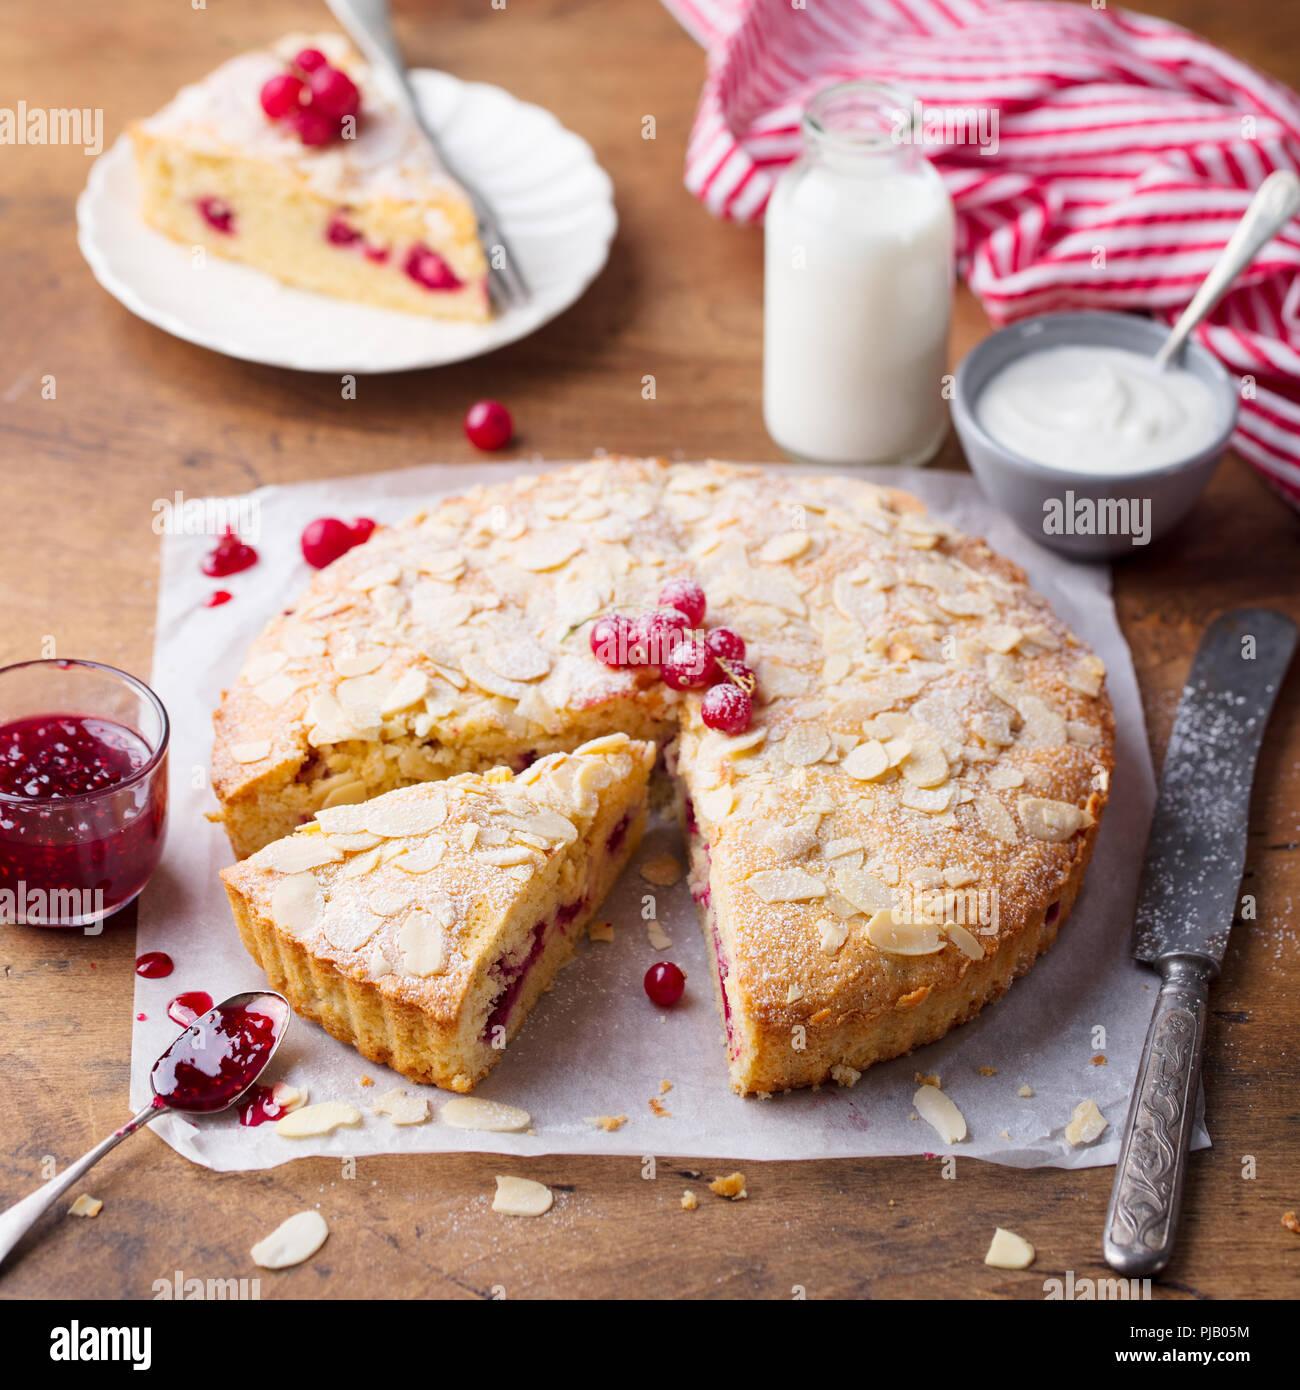 La mandorla e lampone torta, Bakewell tart. Tradizionale pasticceria britannico. Sfondo di legno. Immagini Stock